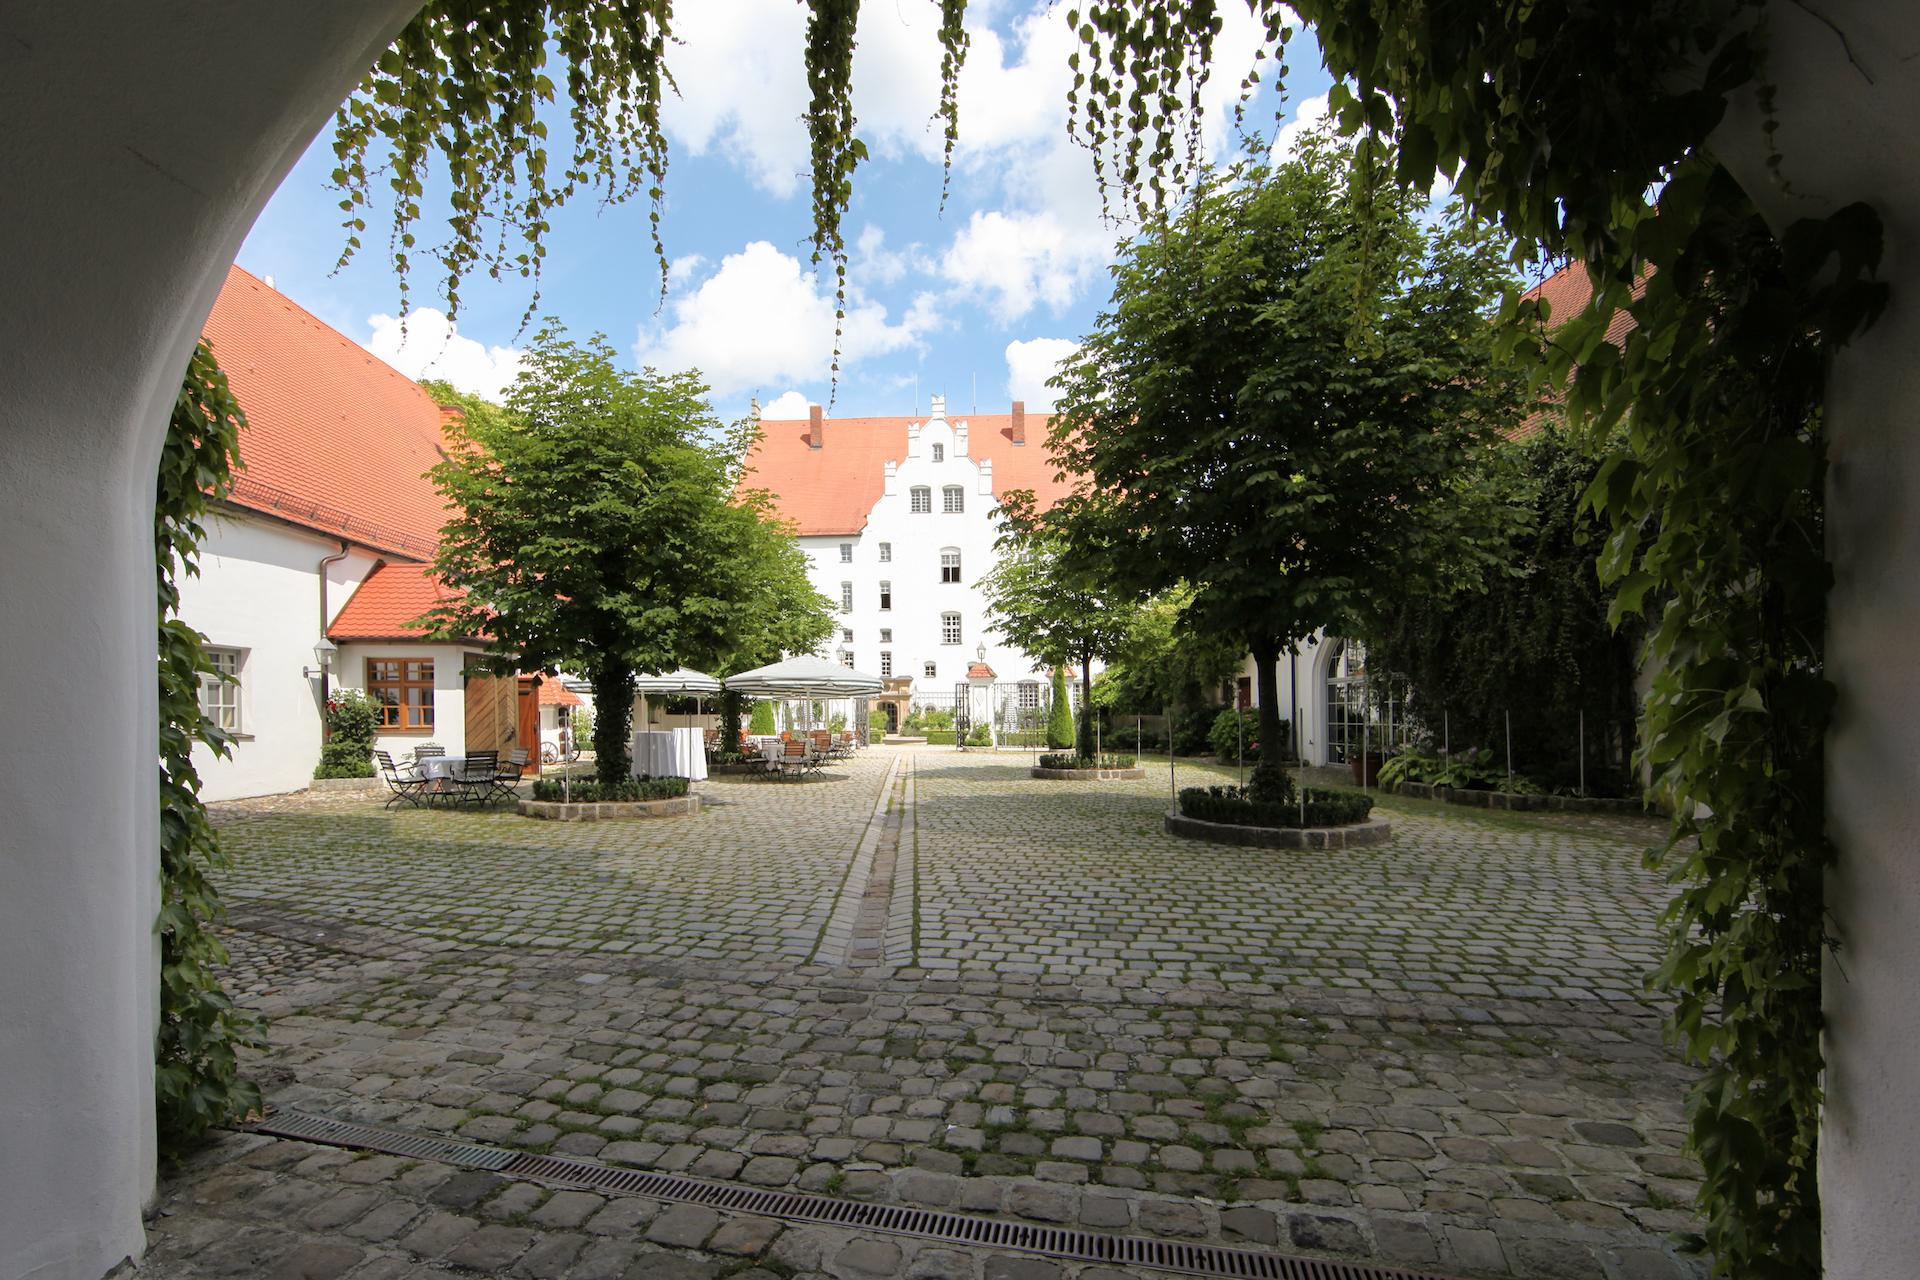 Schloss Neuburg - Innenhof, Wirtschaftshof, Kastenienbäume